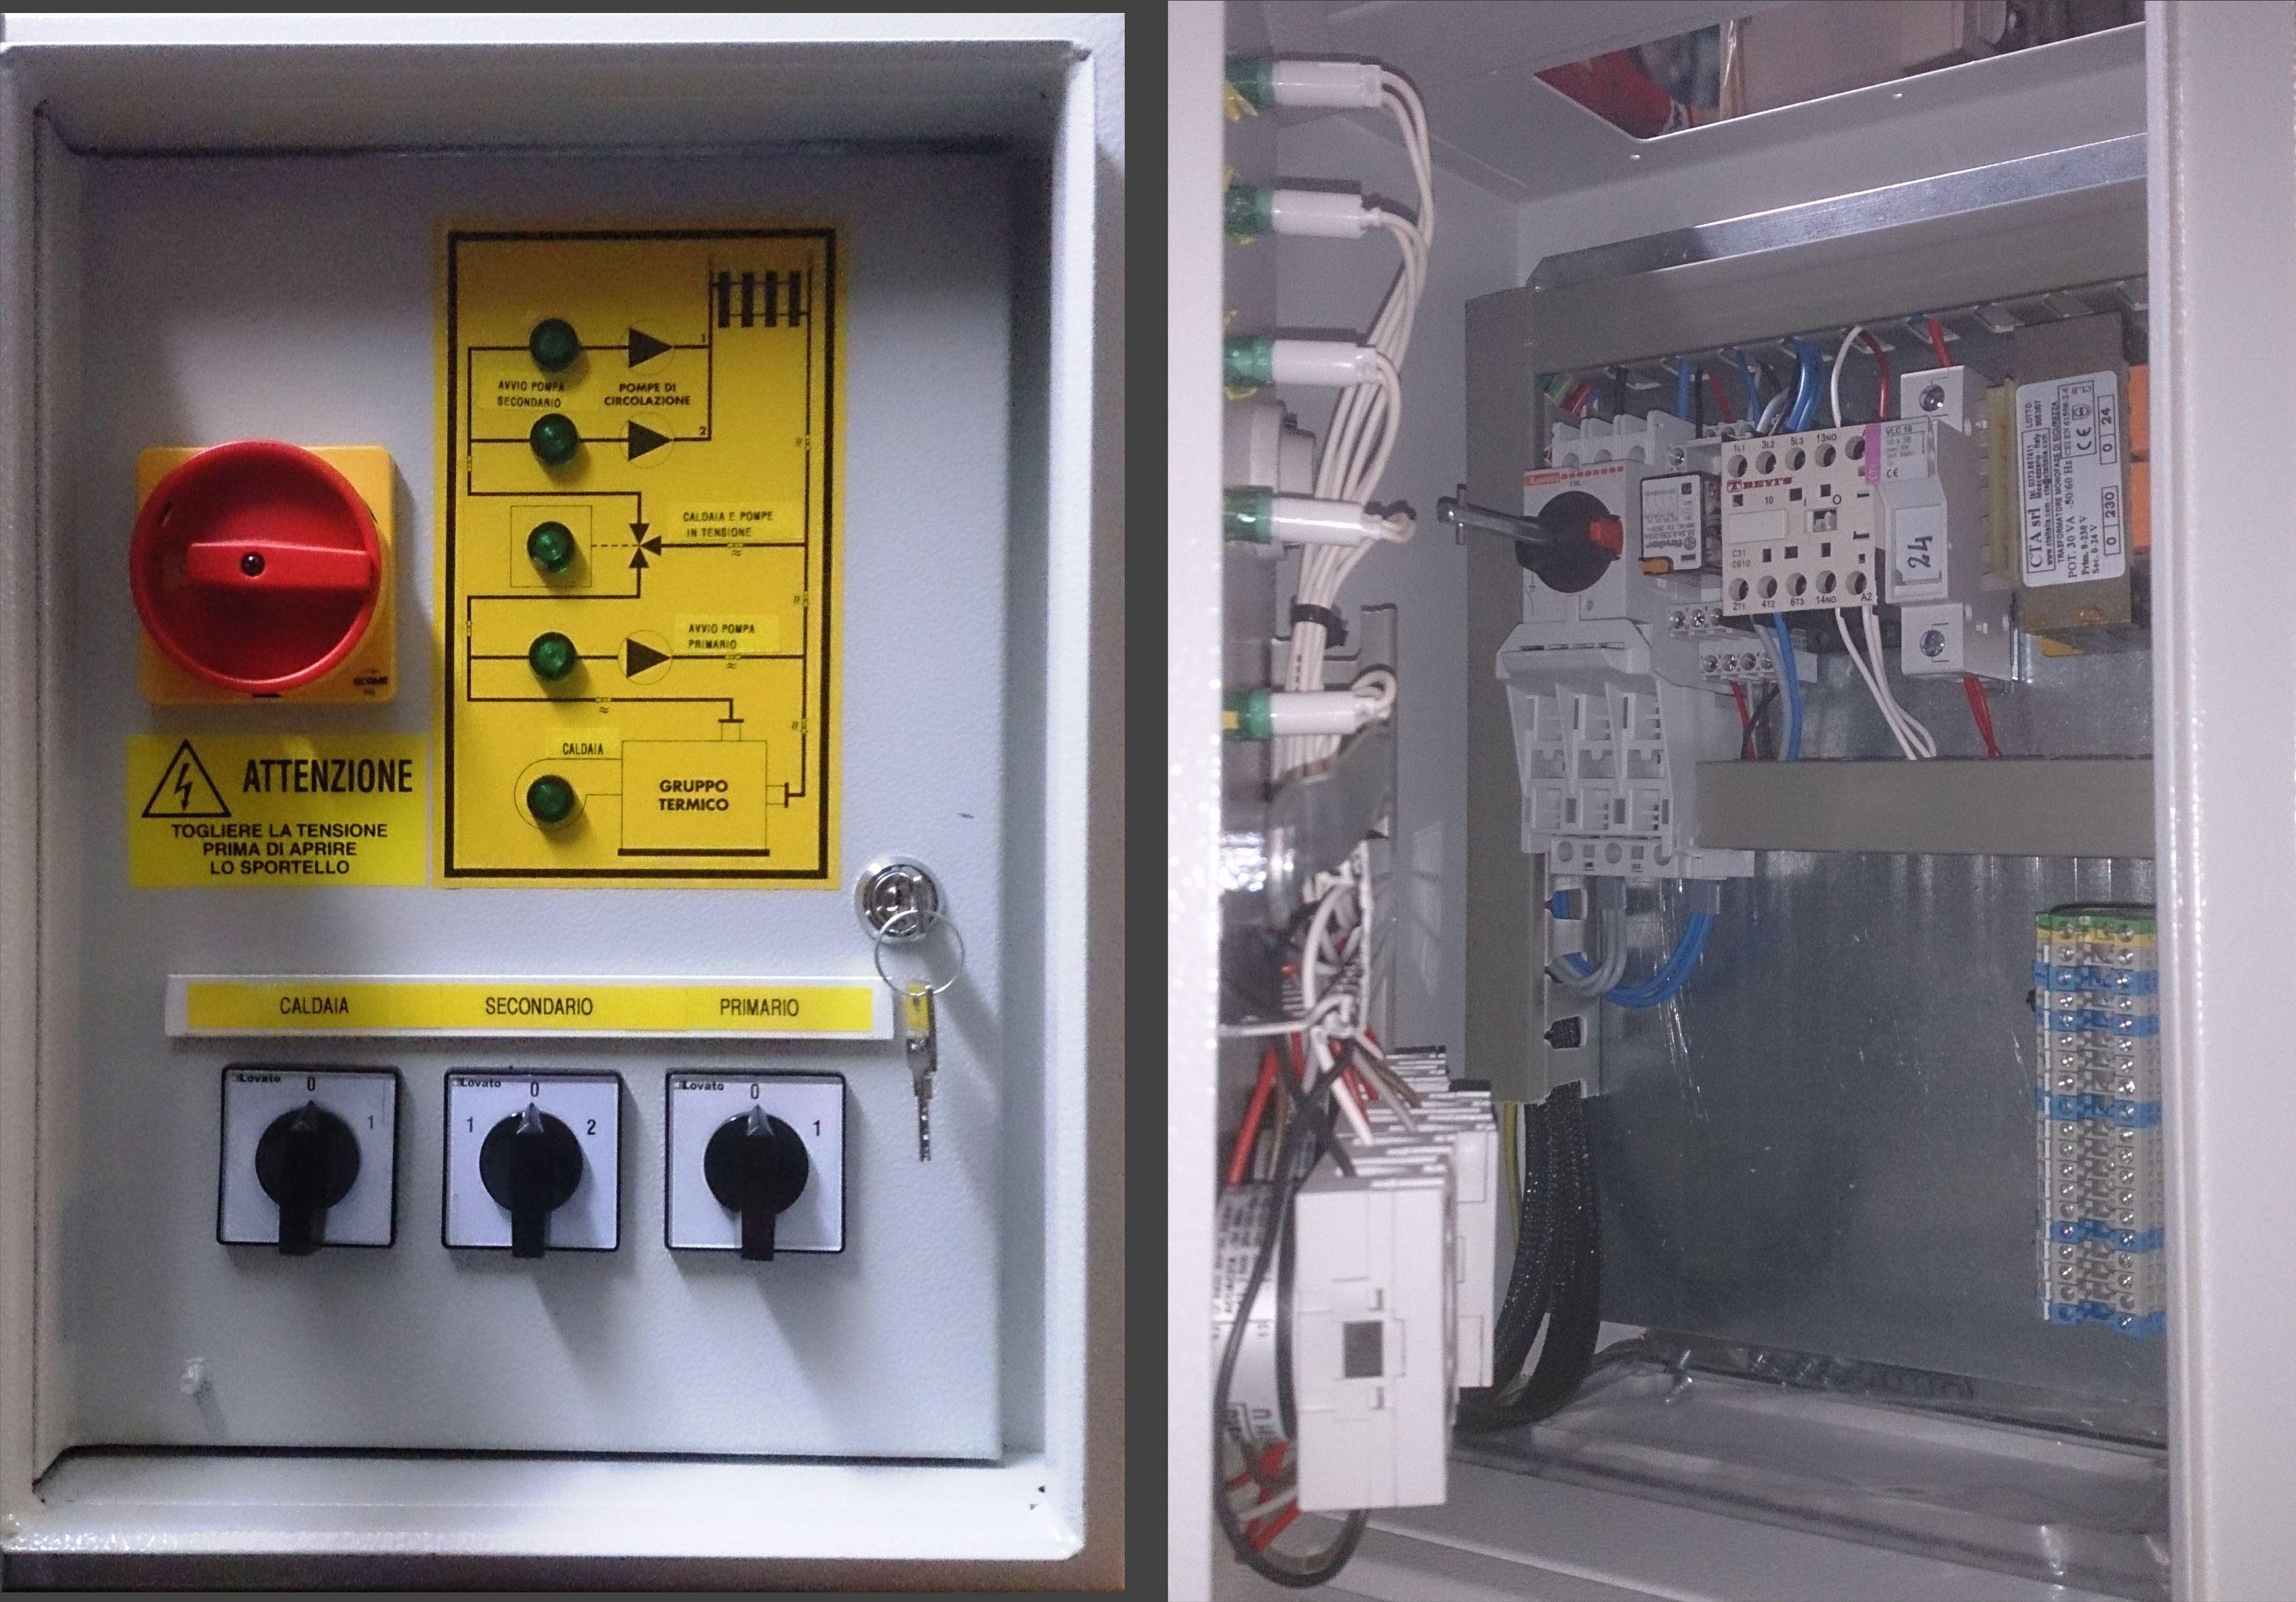 Schemi Quadri Elettrici Per Pompe Sommerse : Schemi quadri elettrici per pompe sommerse